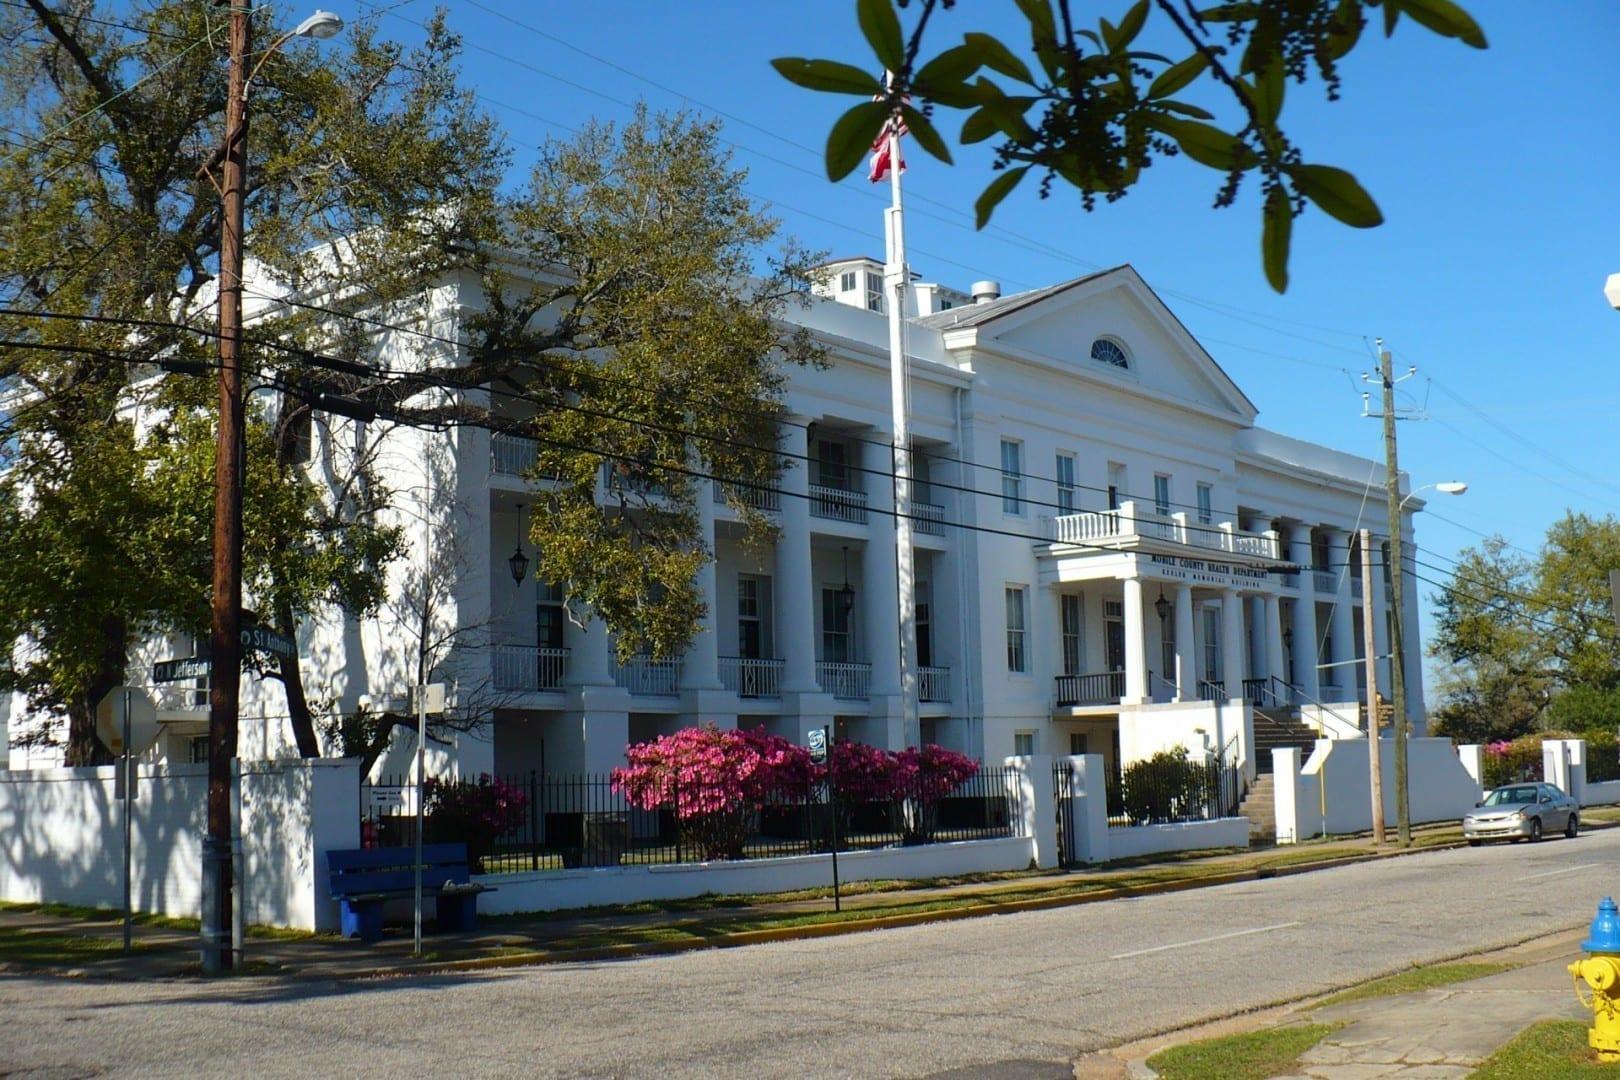 El antiguo Hospital Marino de los Estados Unidos, restaurado y adaptado para su reutilización por el Departamento de Salud del Condado de Mobile. Mobile AL Estados Unidos